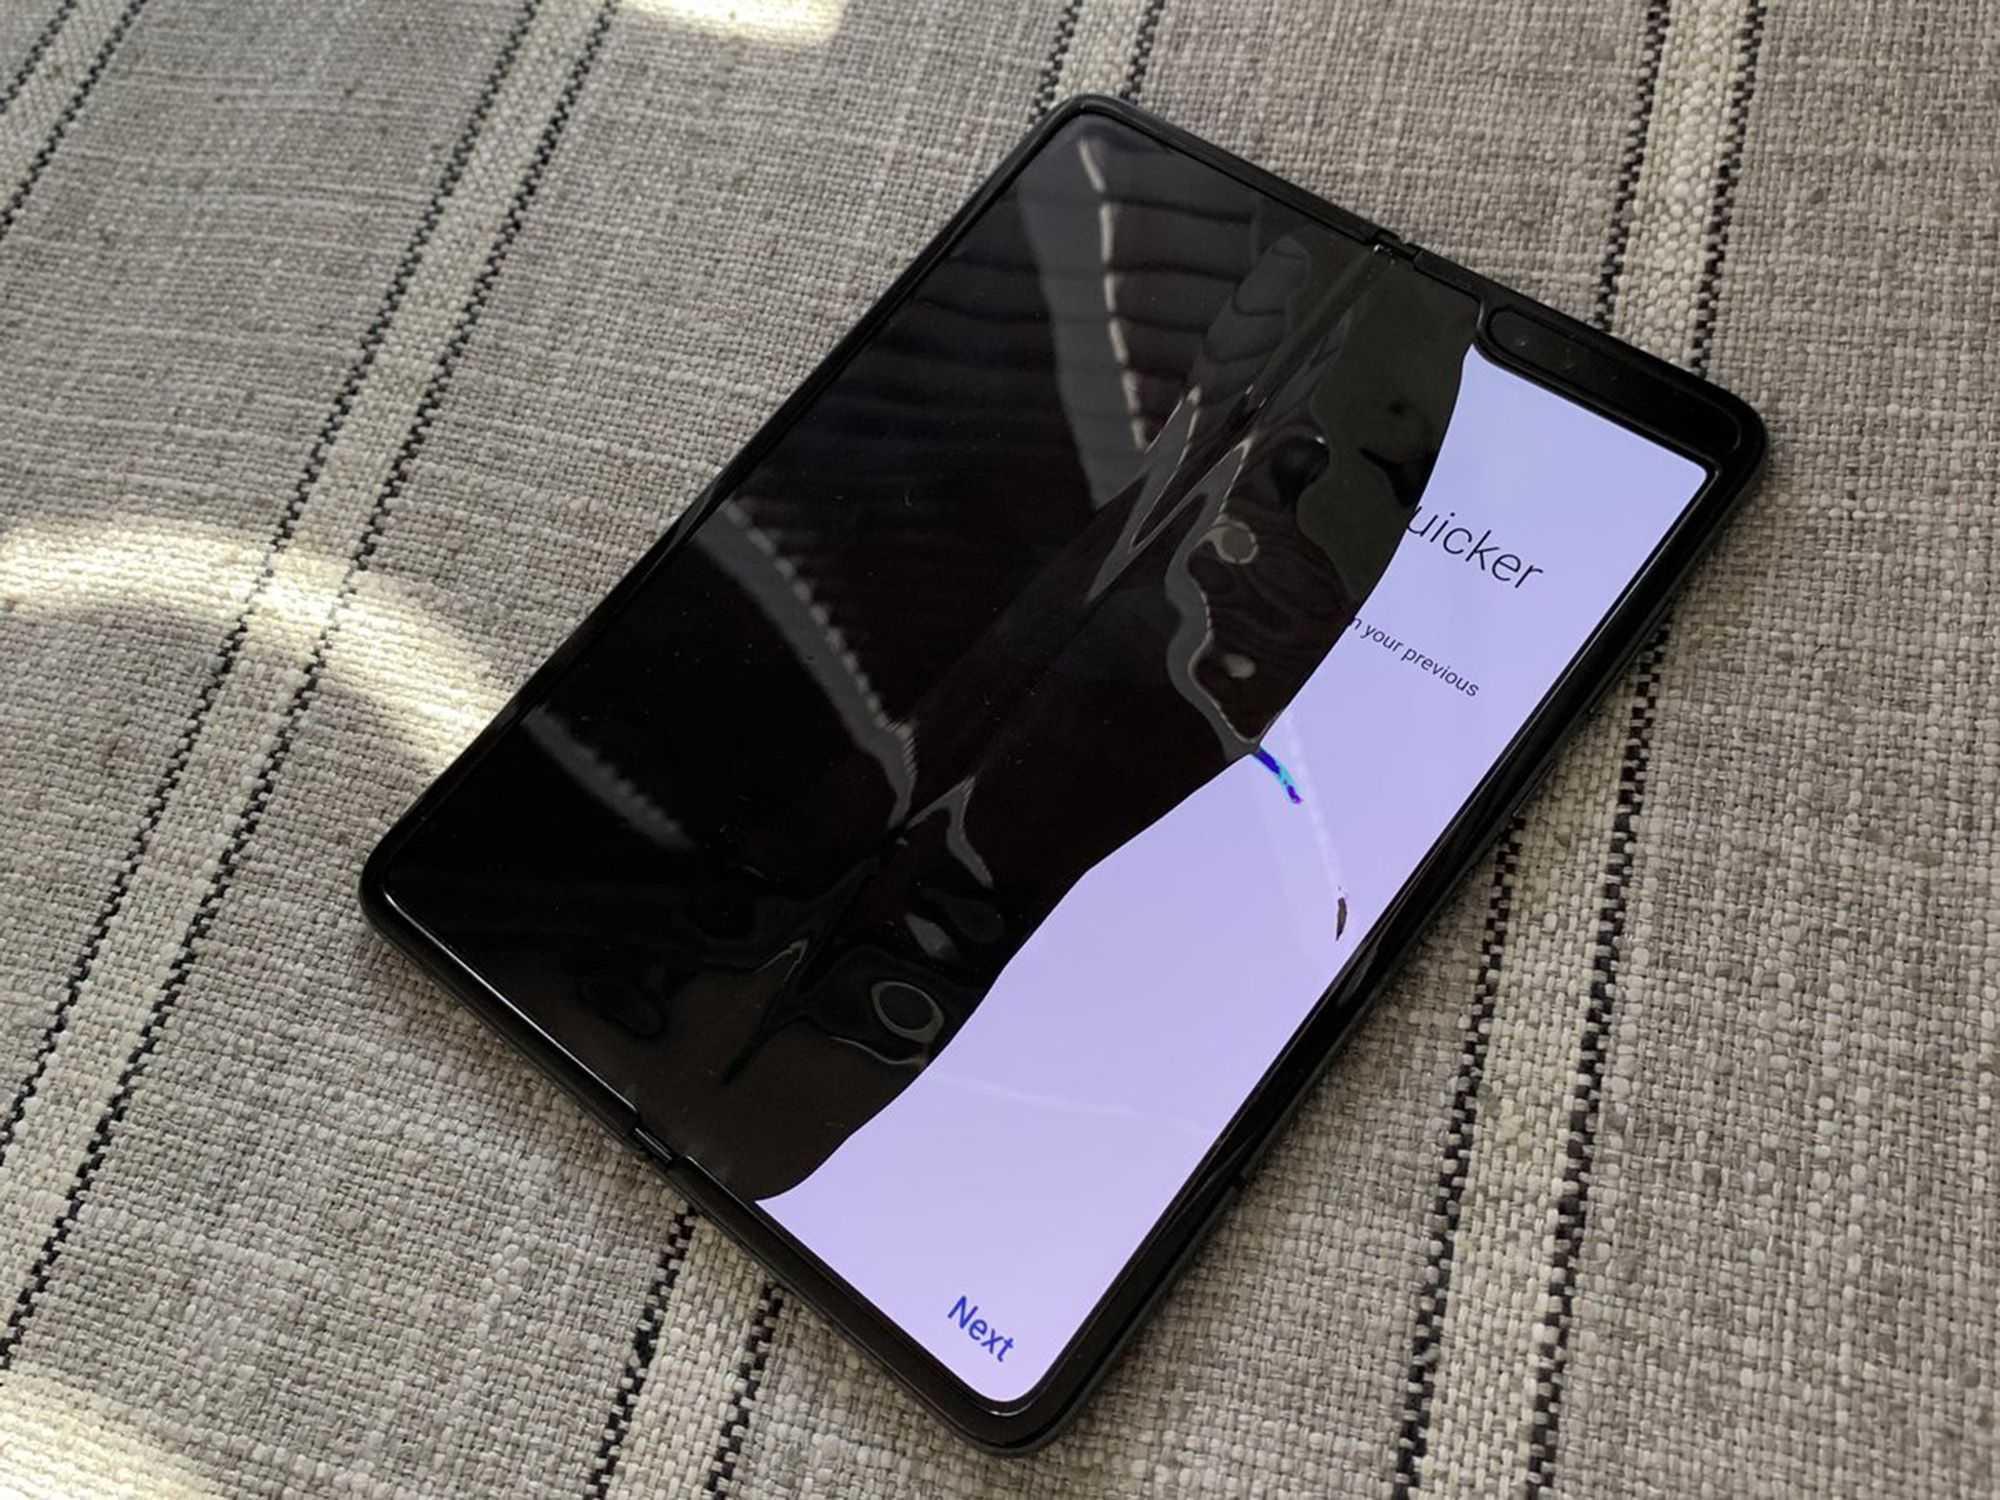 Инсайдер рассказал о дизайне новейшего смартфона samsung galaxy note 10